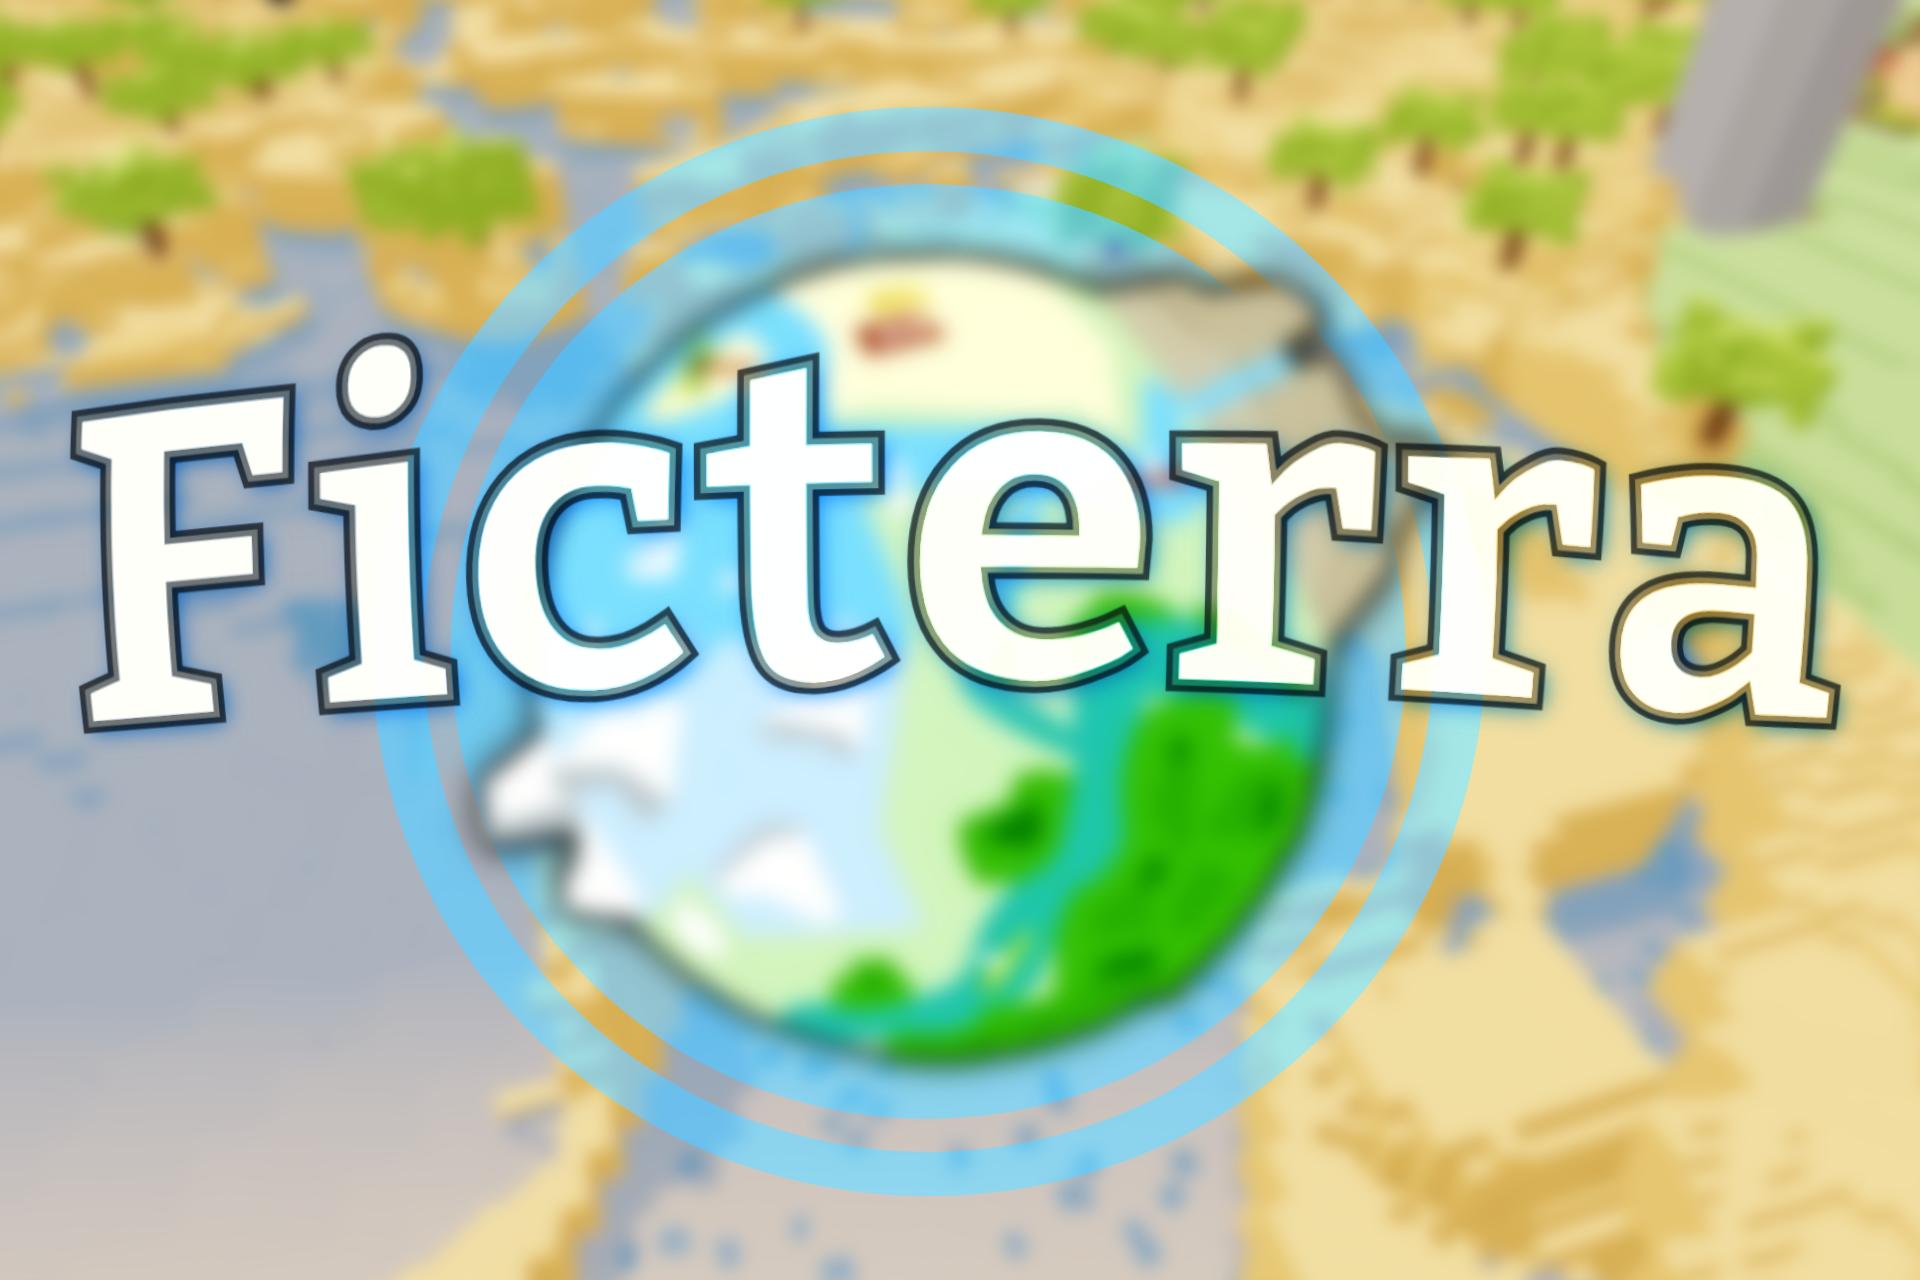 Ficterra